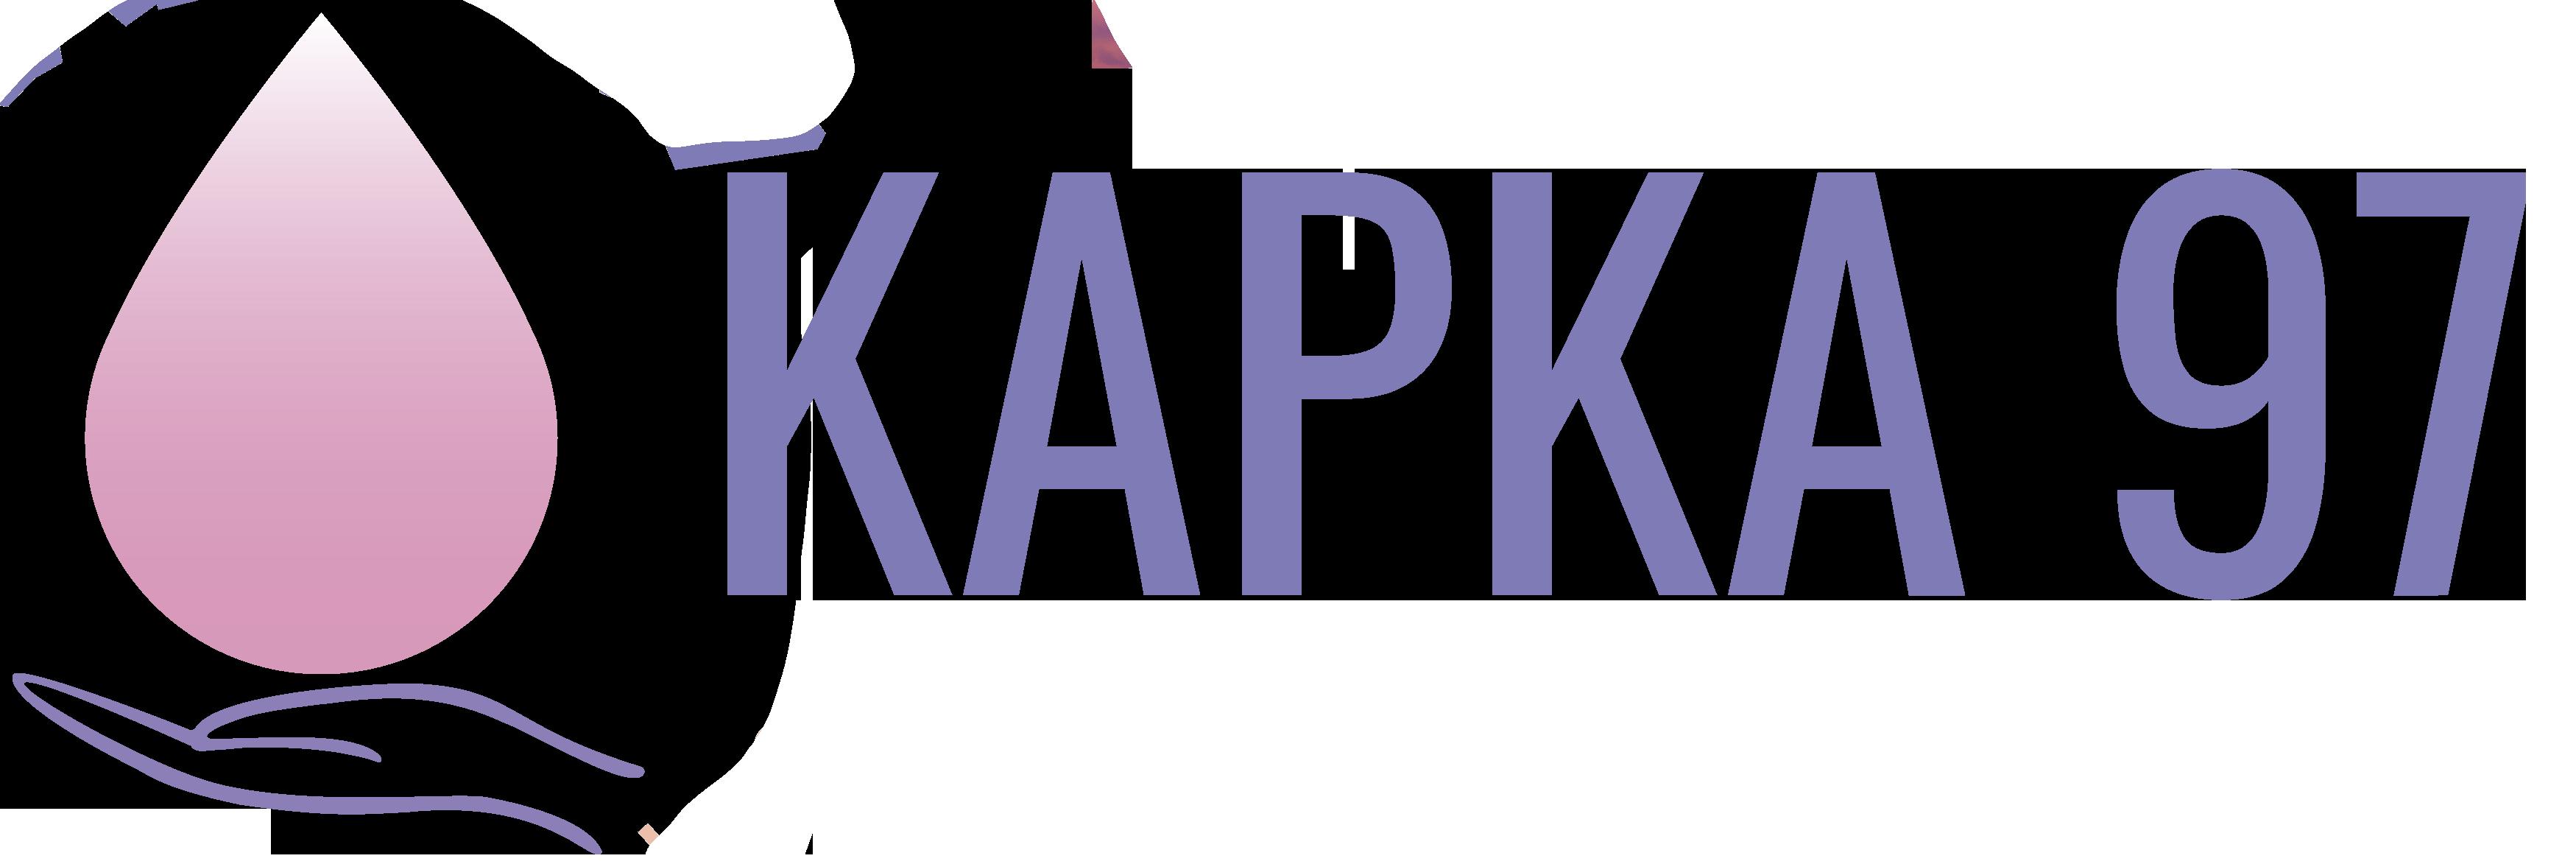 Kapka97